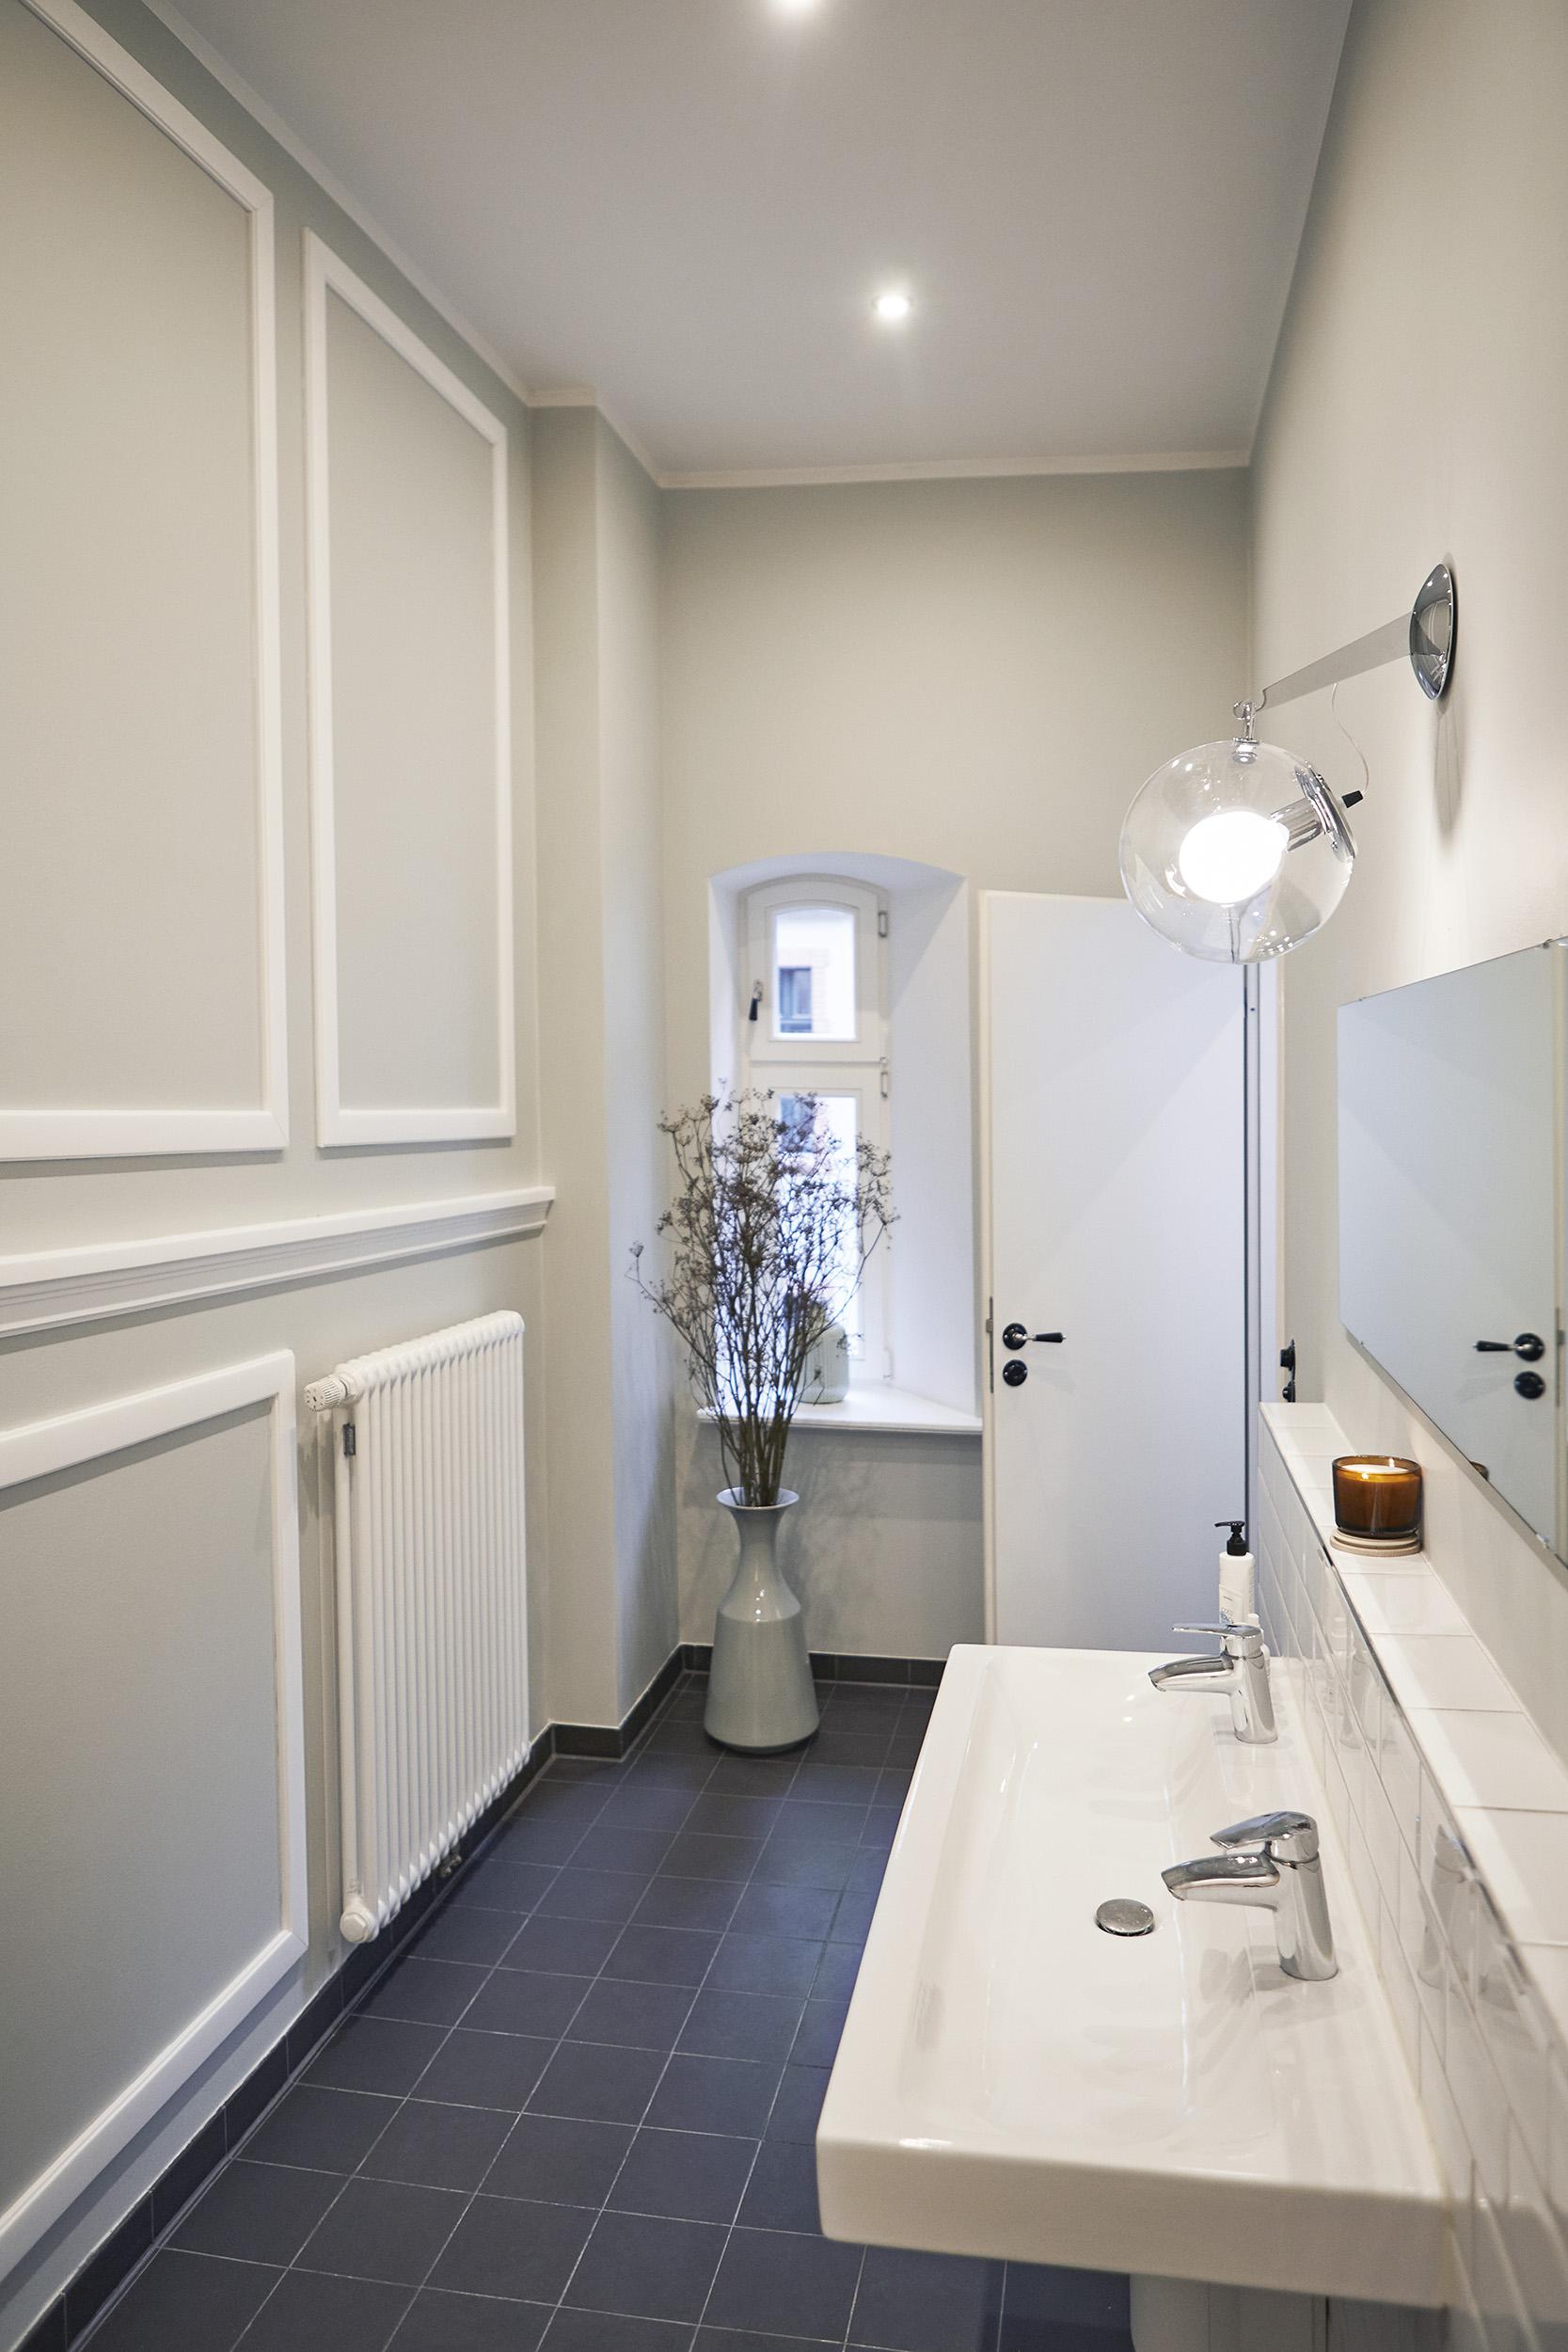 Foto eines Raums mit unverputzten Wänden, gelber Lampe und Tisch